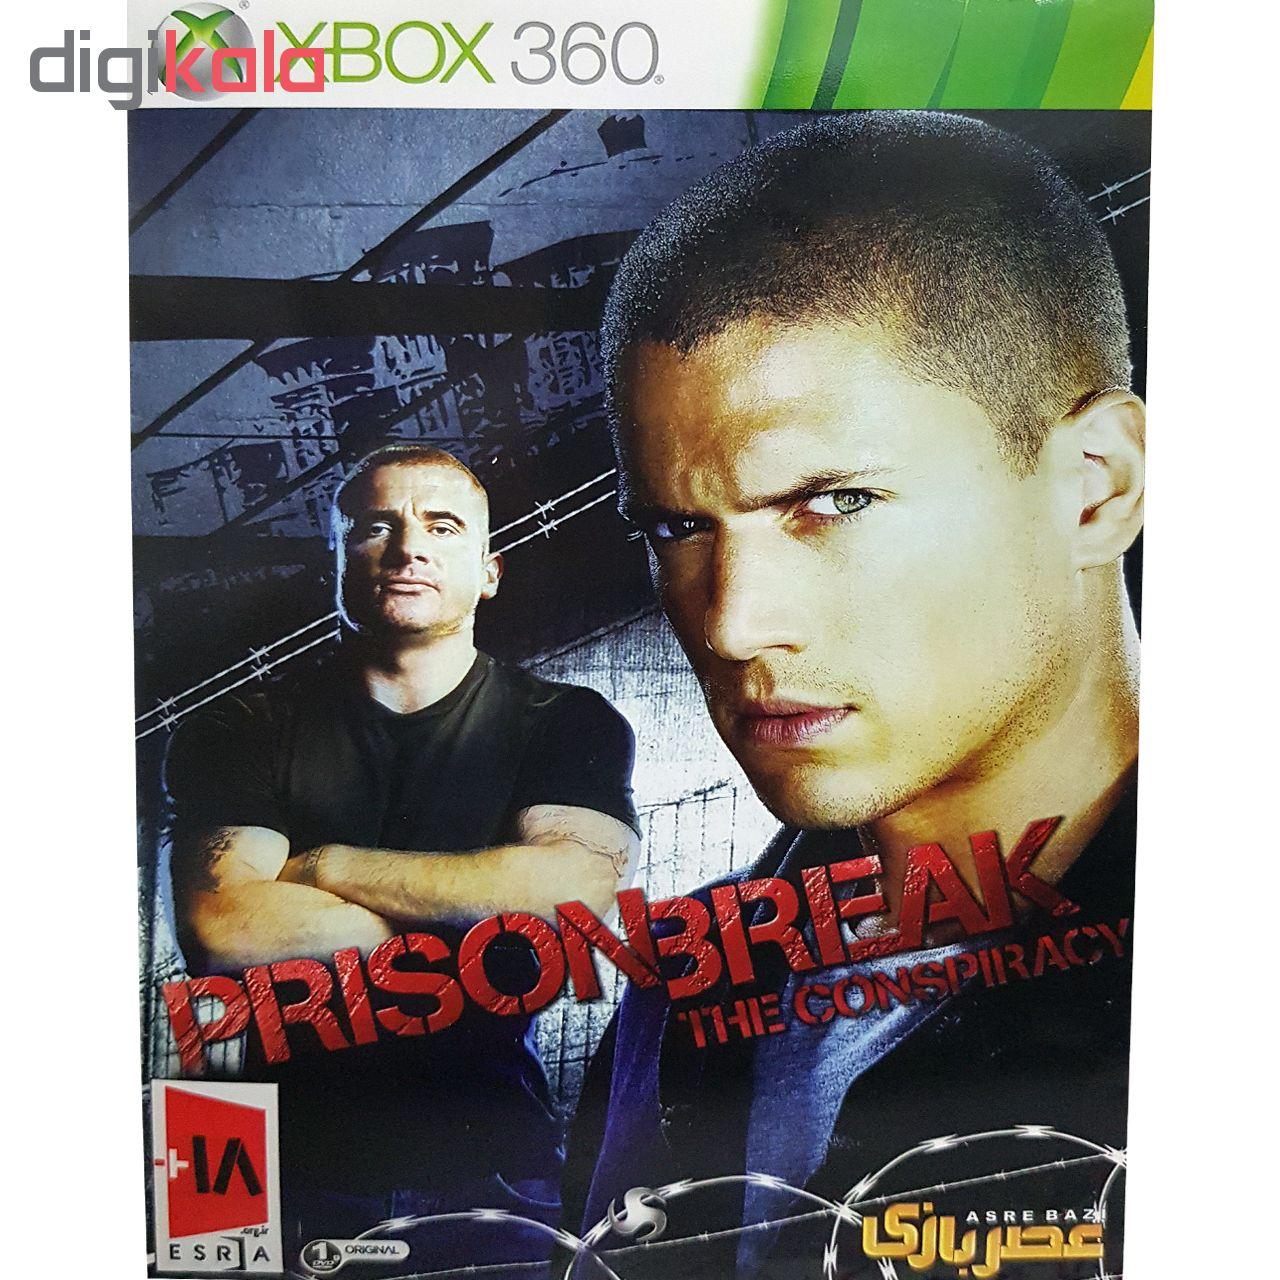 بازی Prison Break The Conspiracy مخصوص xbox360 نشر عصر بازی